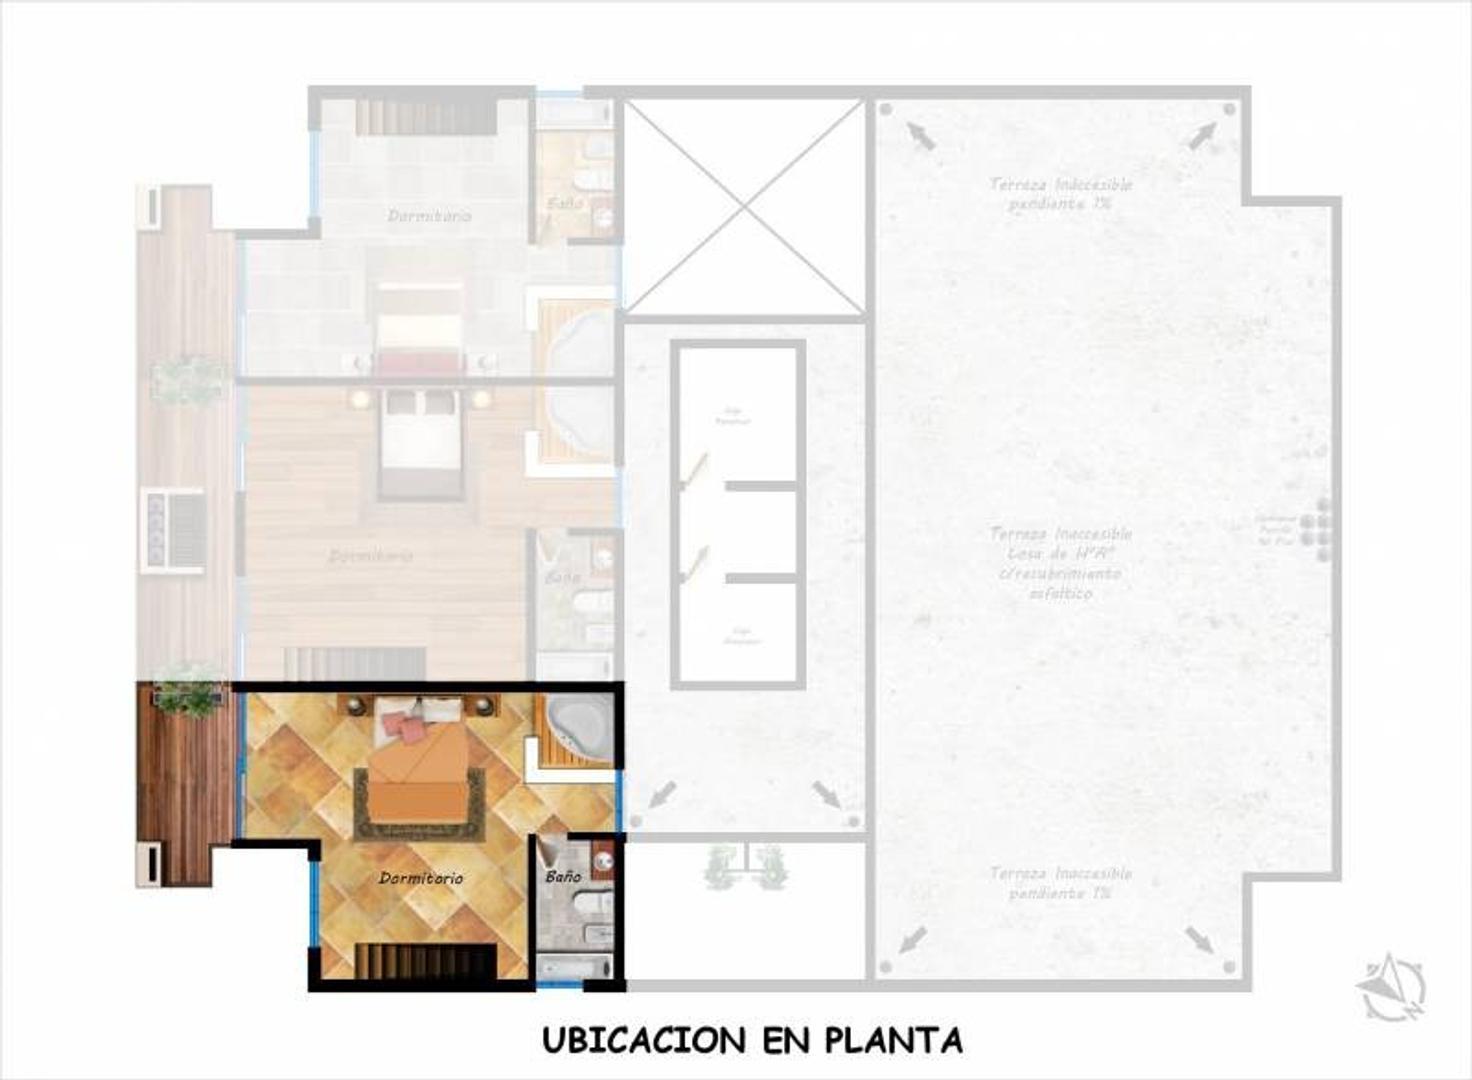 Departamento - 117 m²   1 dormitorio   2 baños